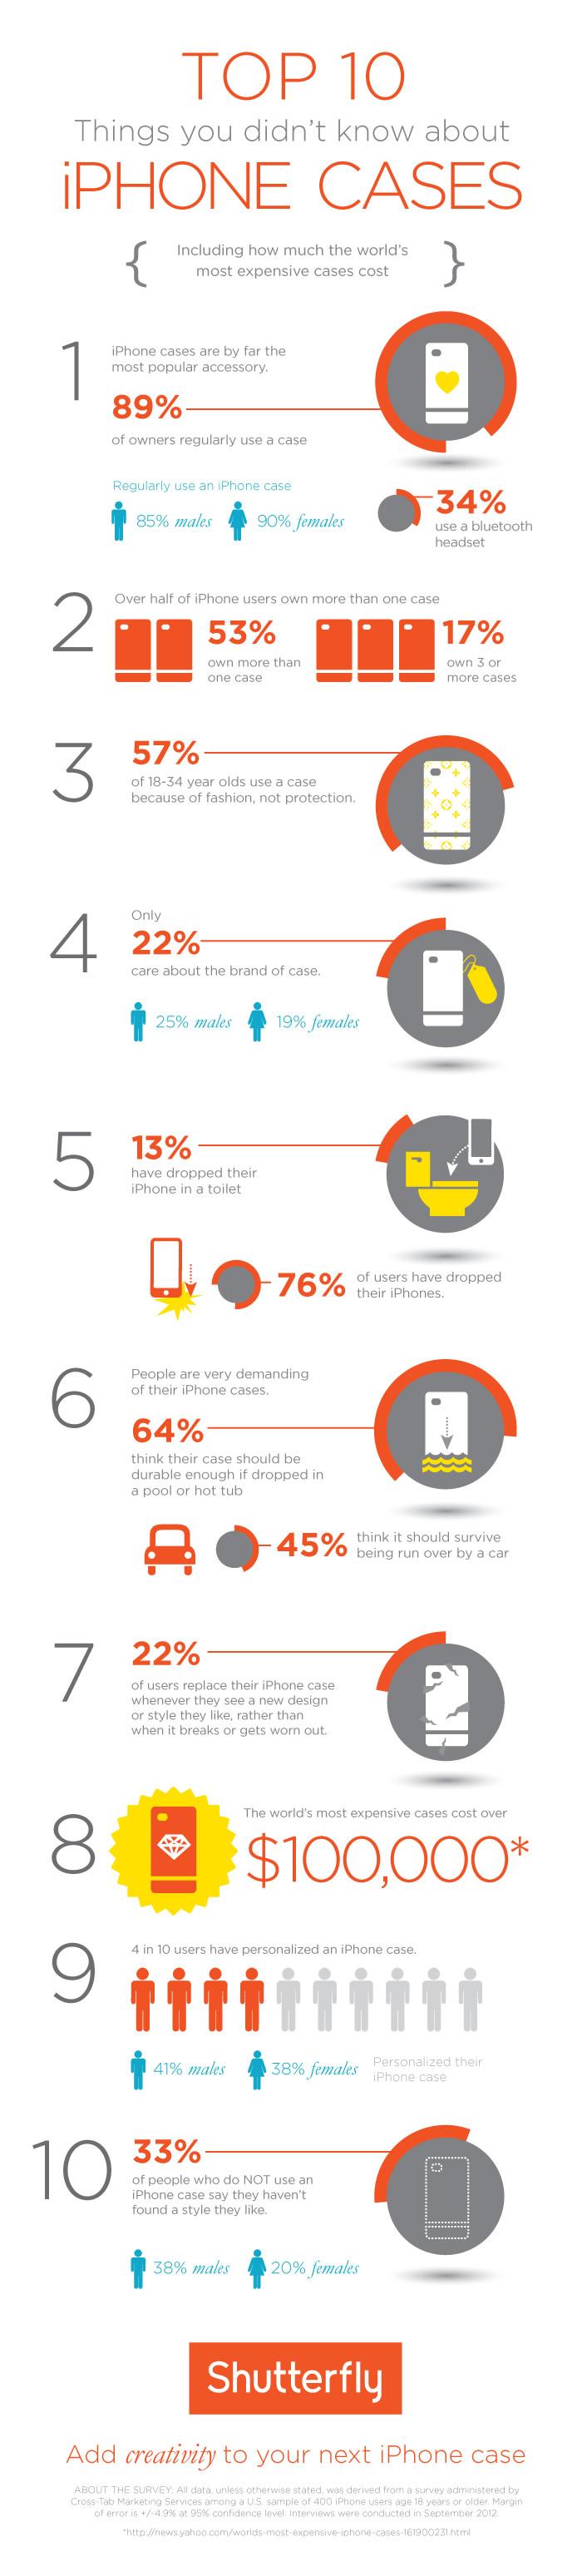 Tiny Prints iPhone Case Infographic